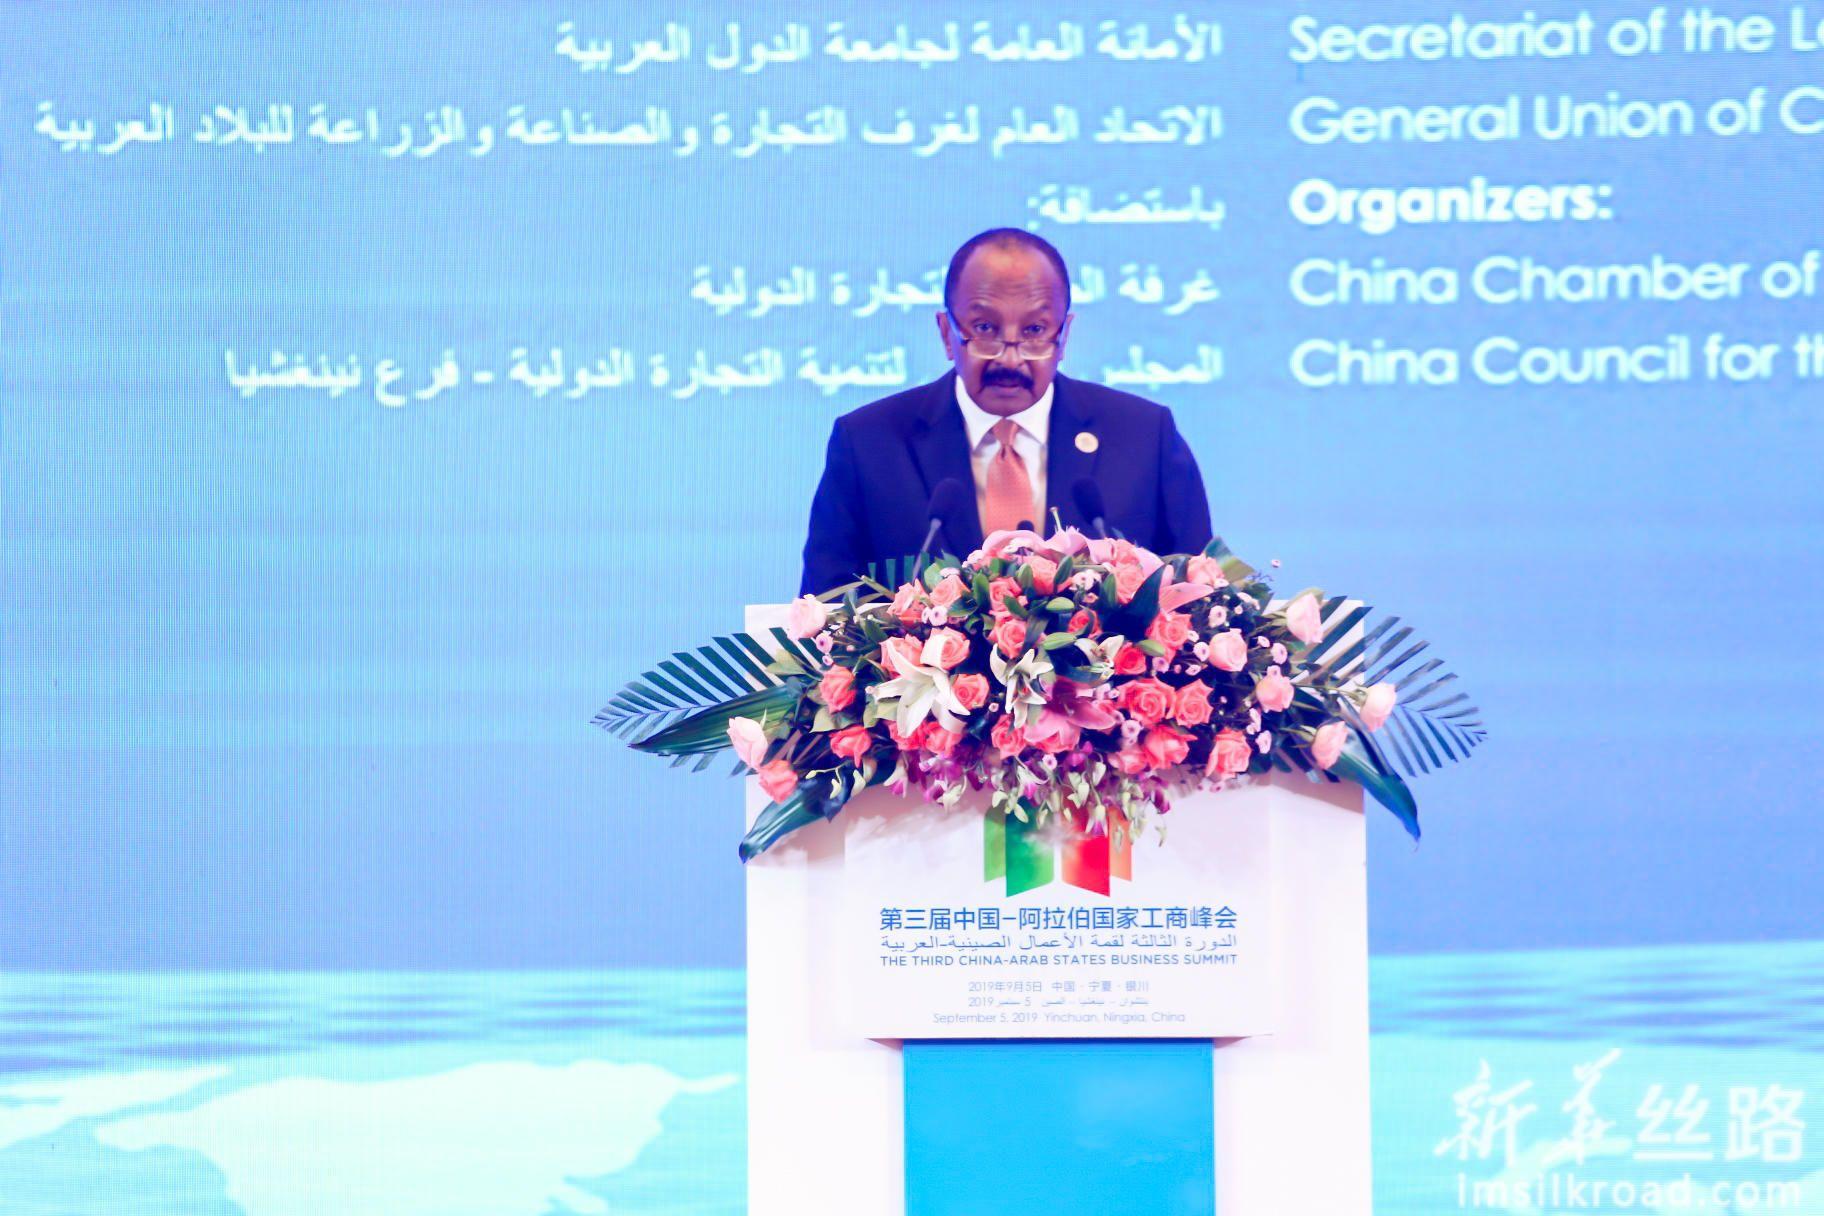 阿拉伯国家联盟驻华代表处主任马哈穆德·艾勒艾敏先生致辞。